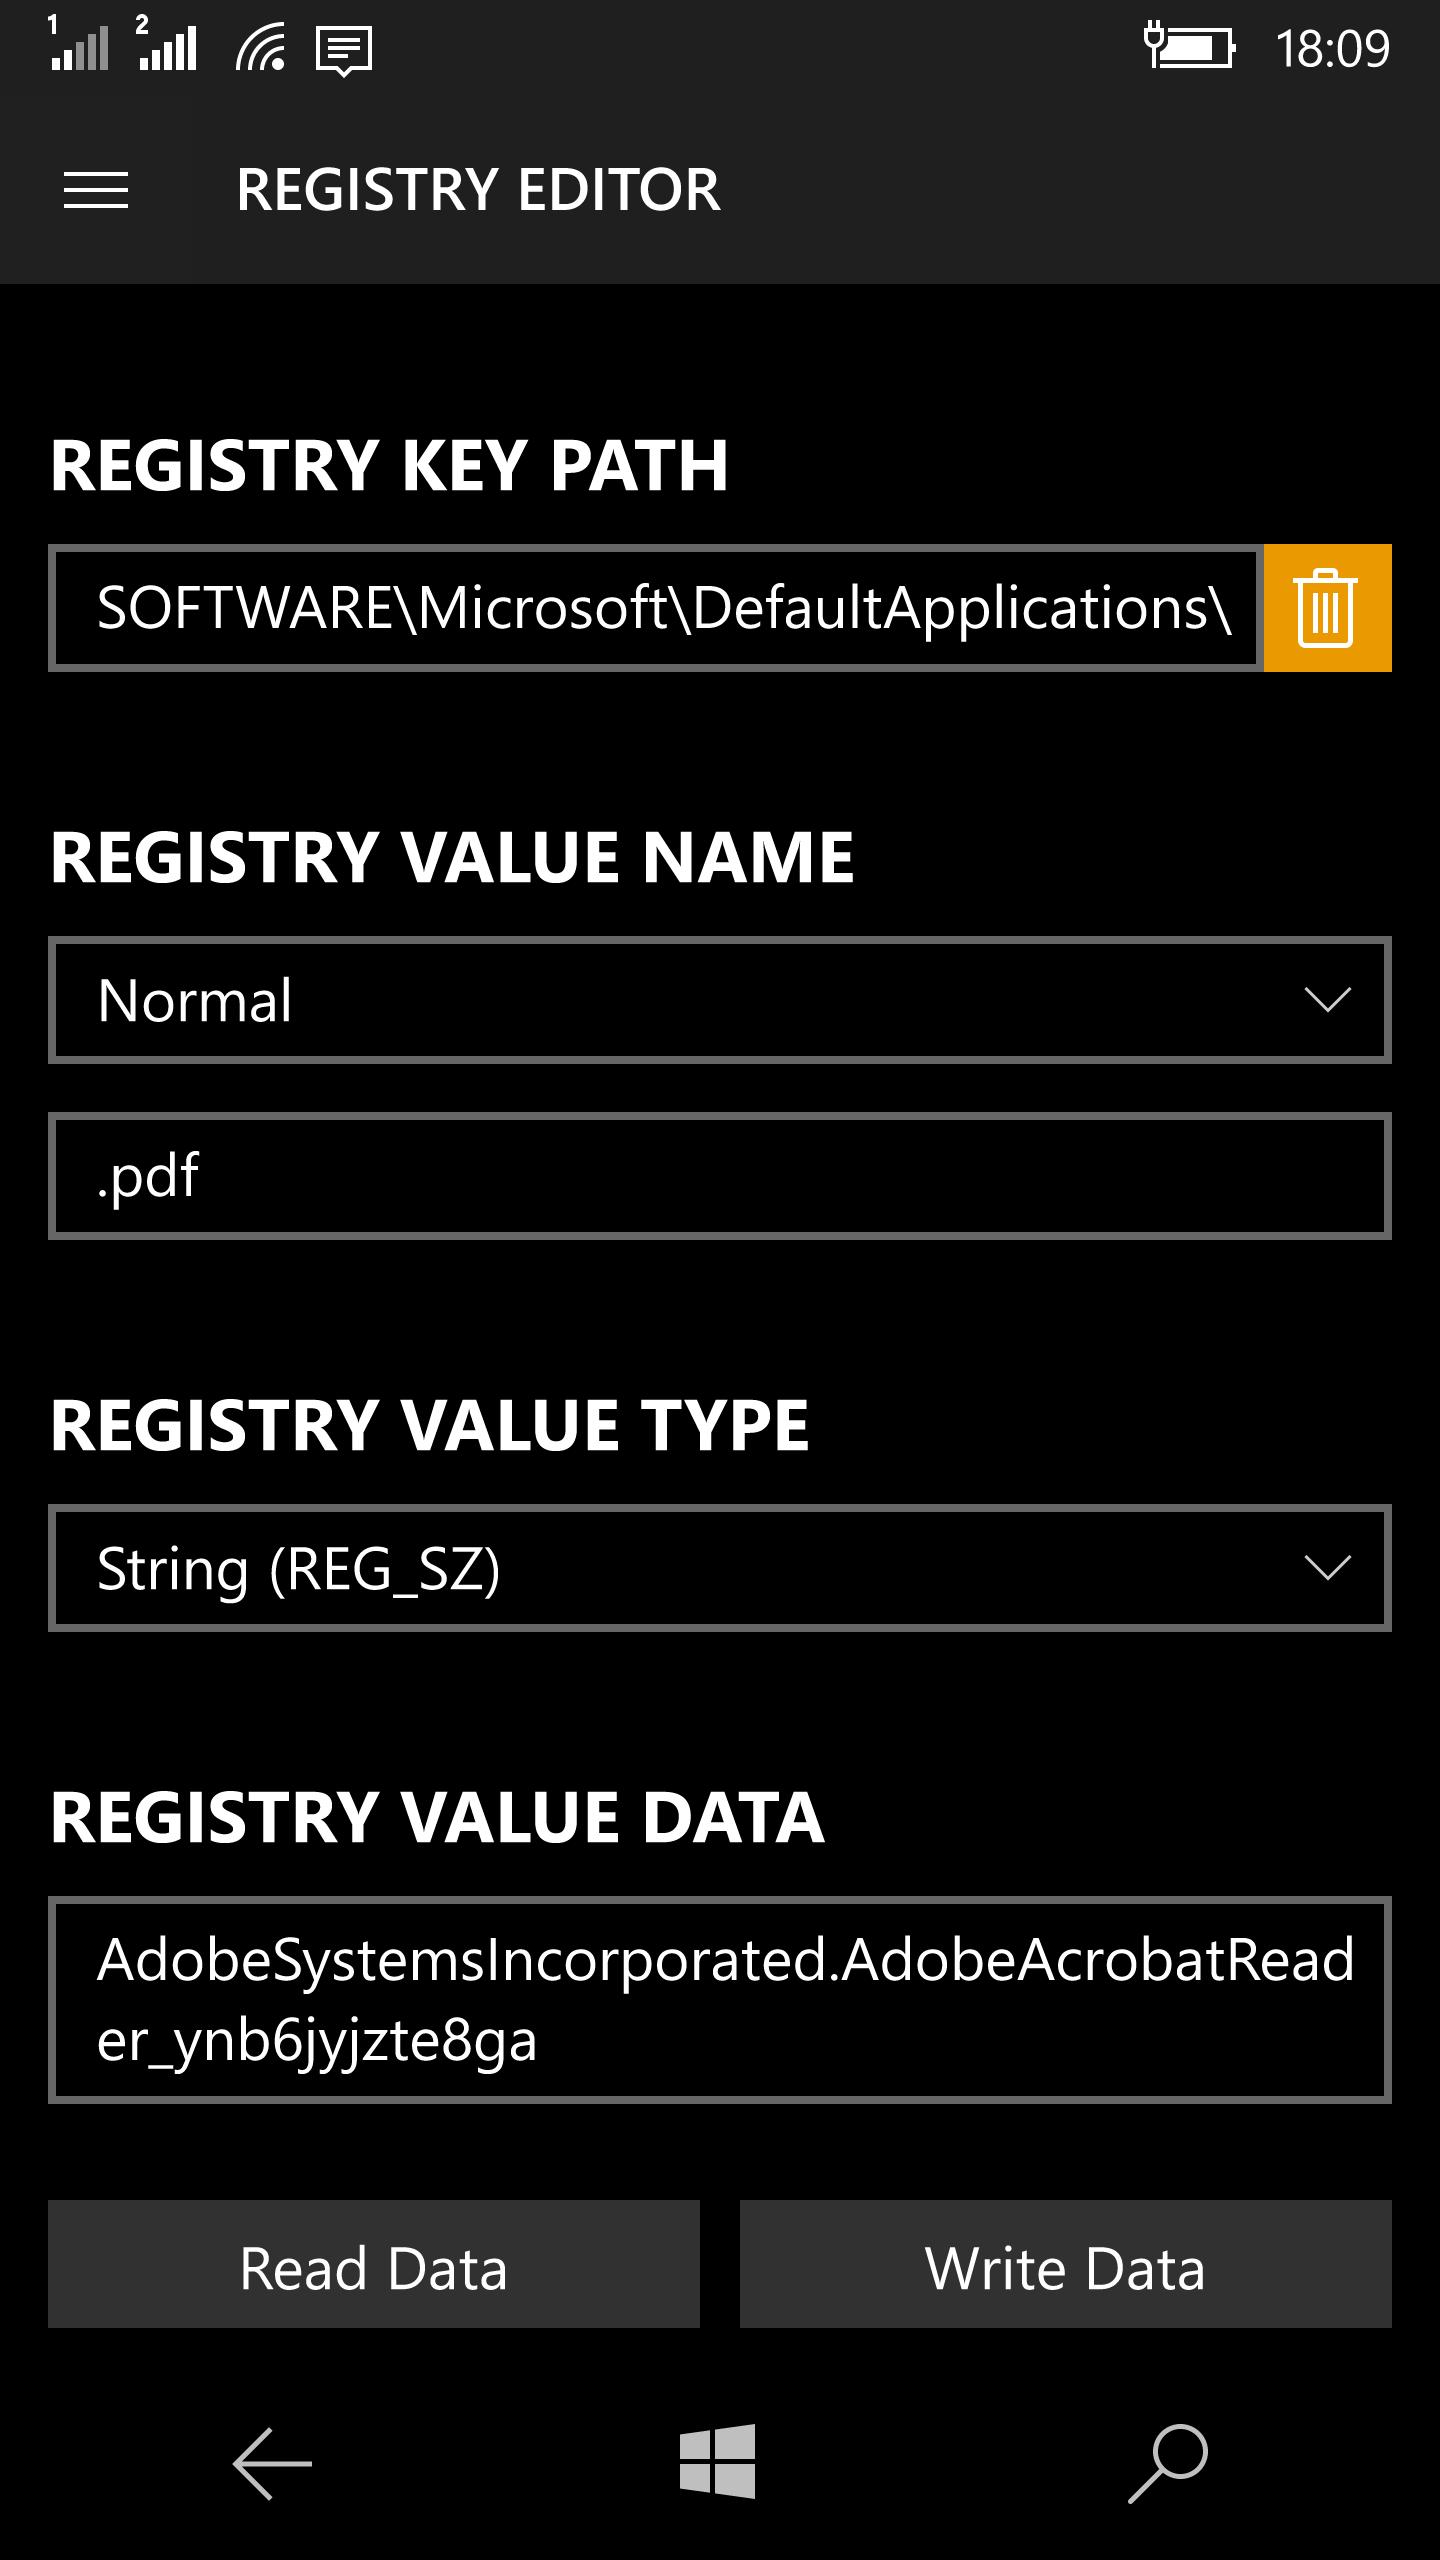 Windows 10: Probleme mit dem Lumia 950/XL - Seite 107